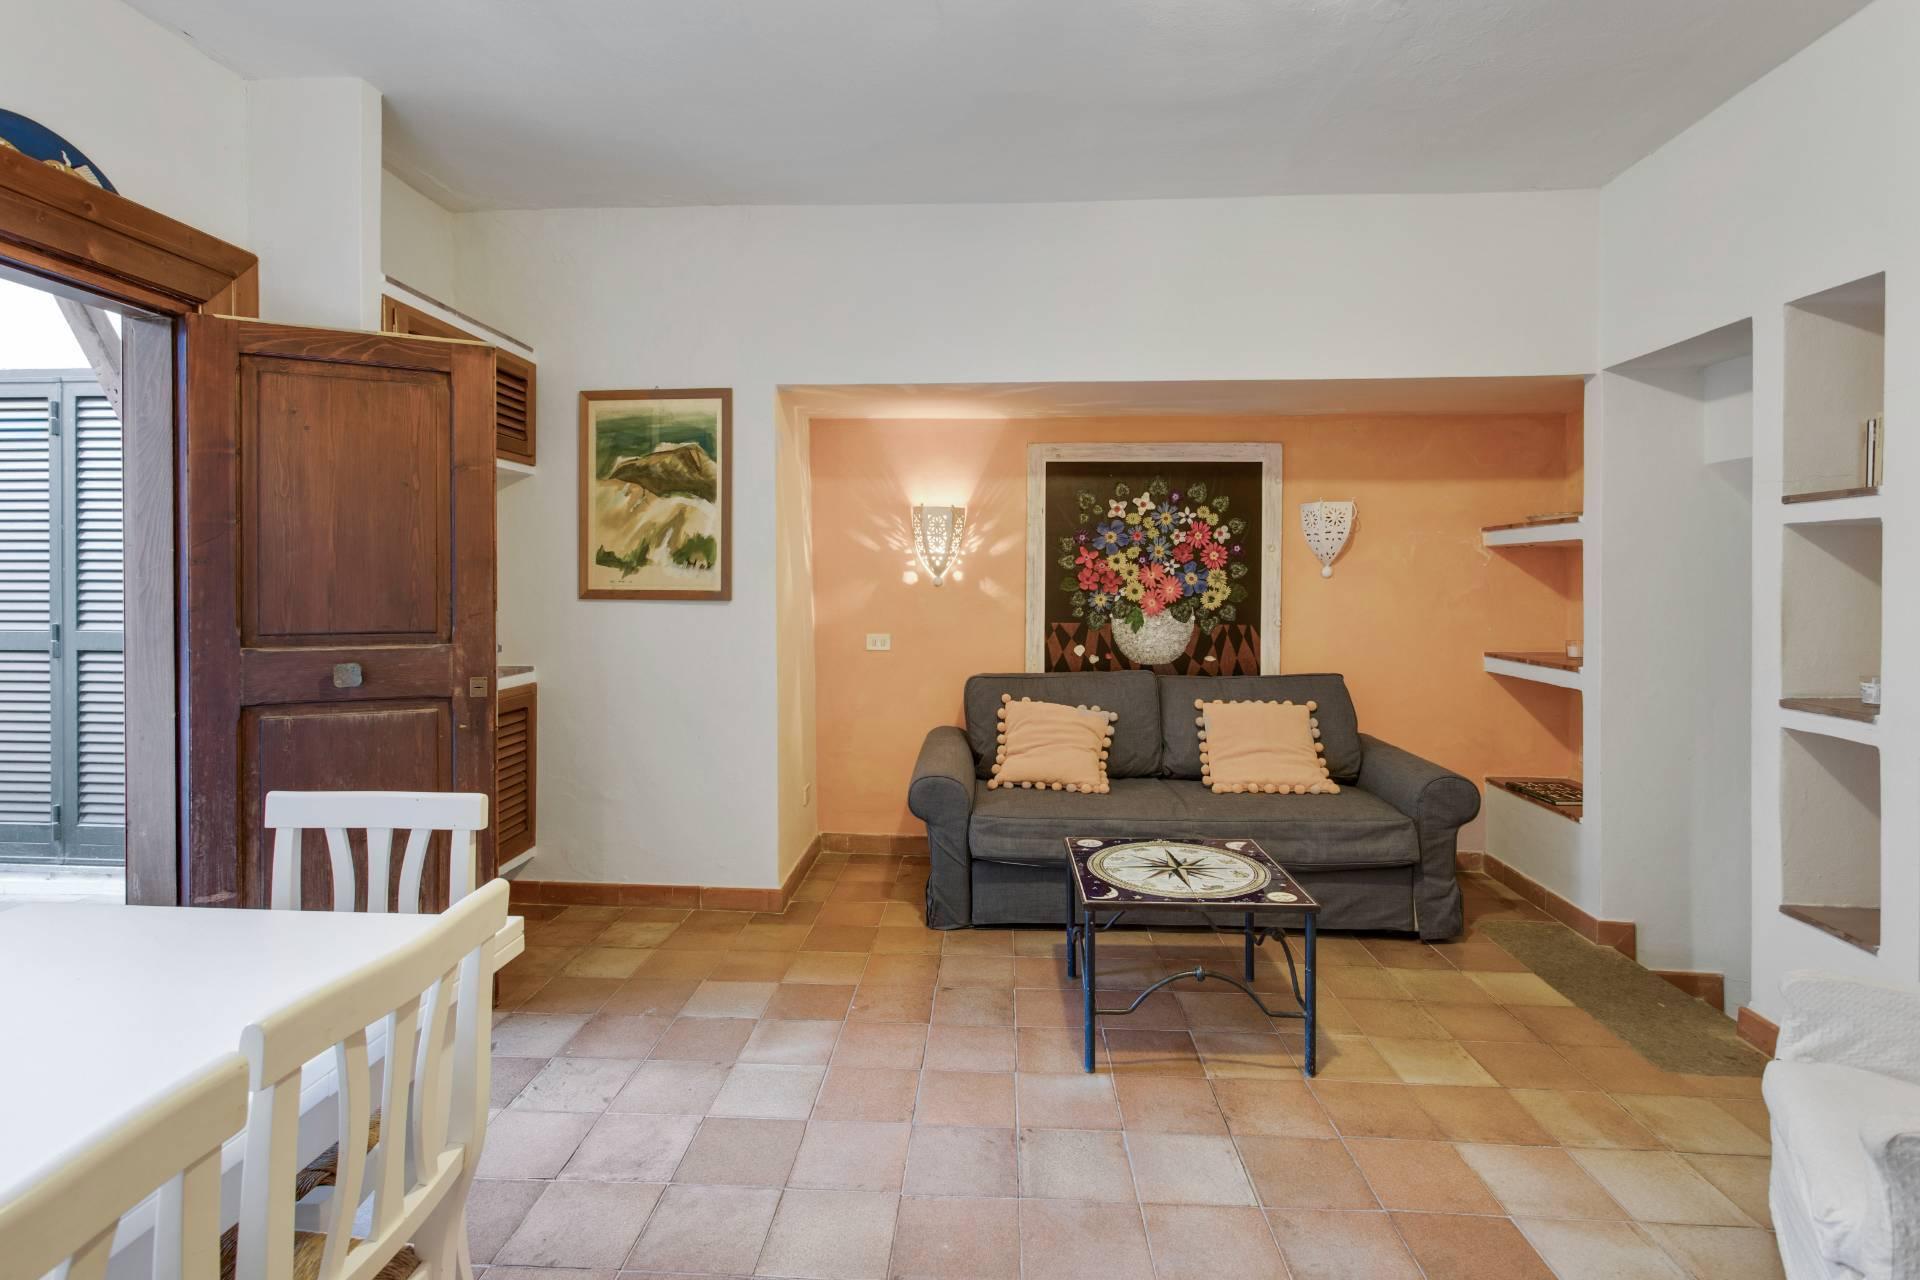 Casa indipendente in Vendita a Monte Argentario: 5 locali, 300 mq - Foto 10